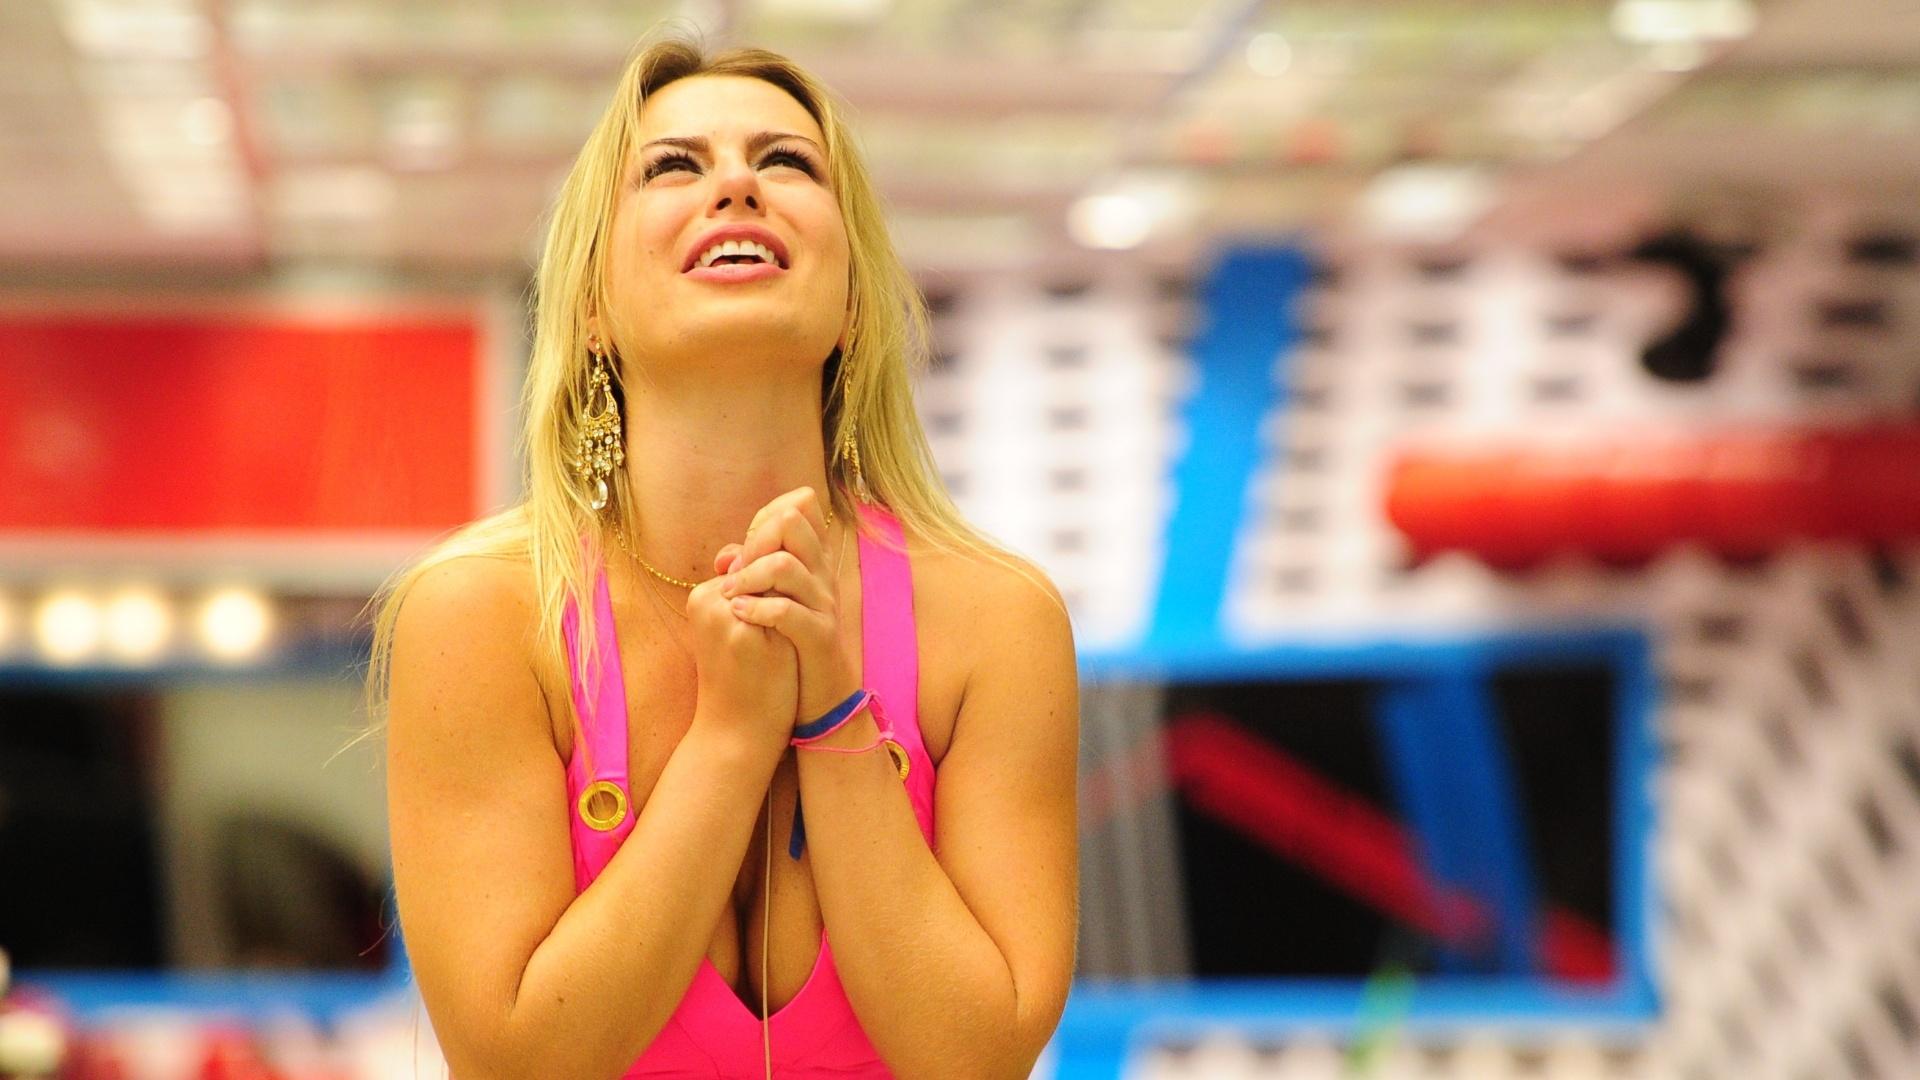 24.mar.2013 - Fernanda comemora vitória no último paredão do